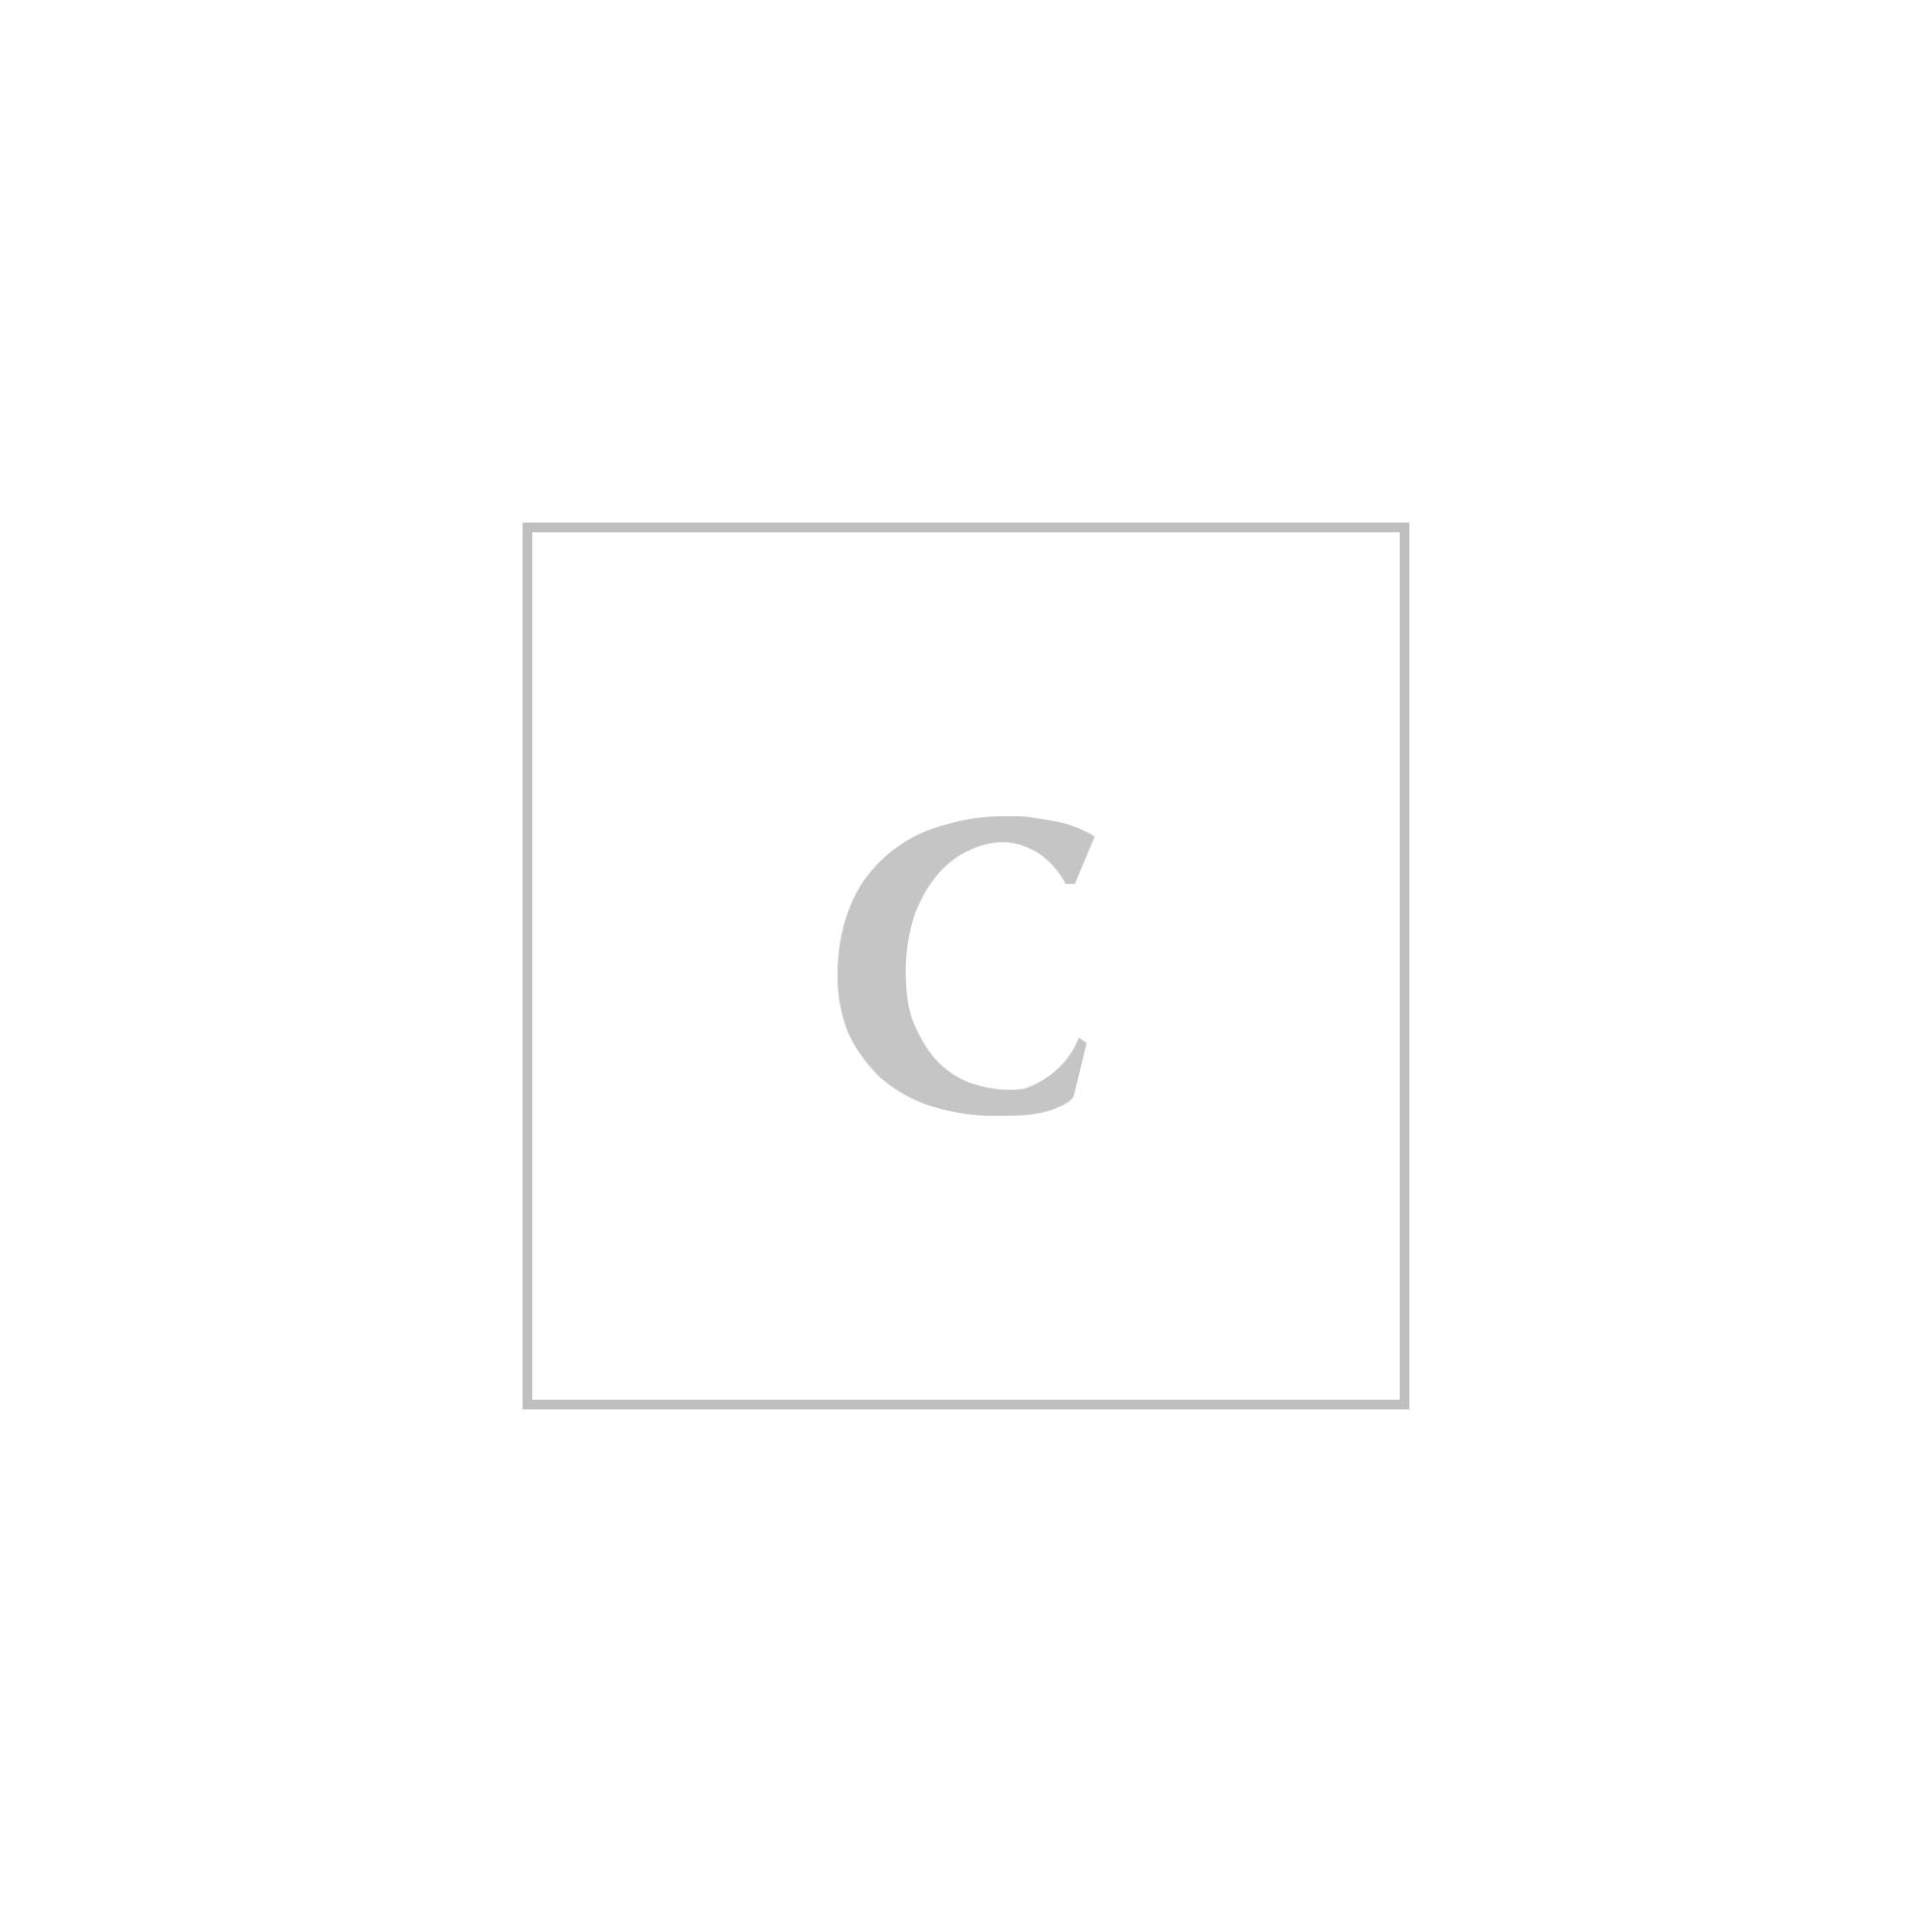 Stella mccartney portafoglio continental wallet shaggy de